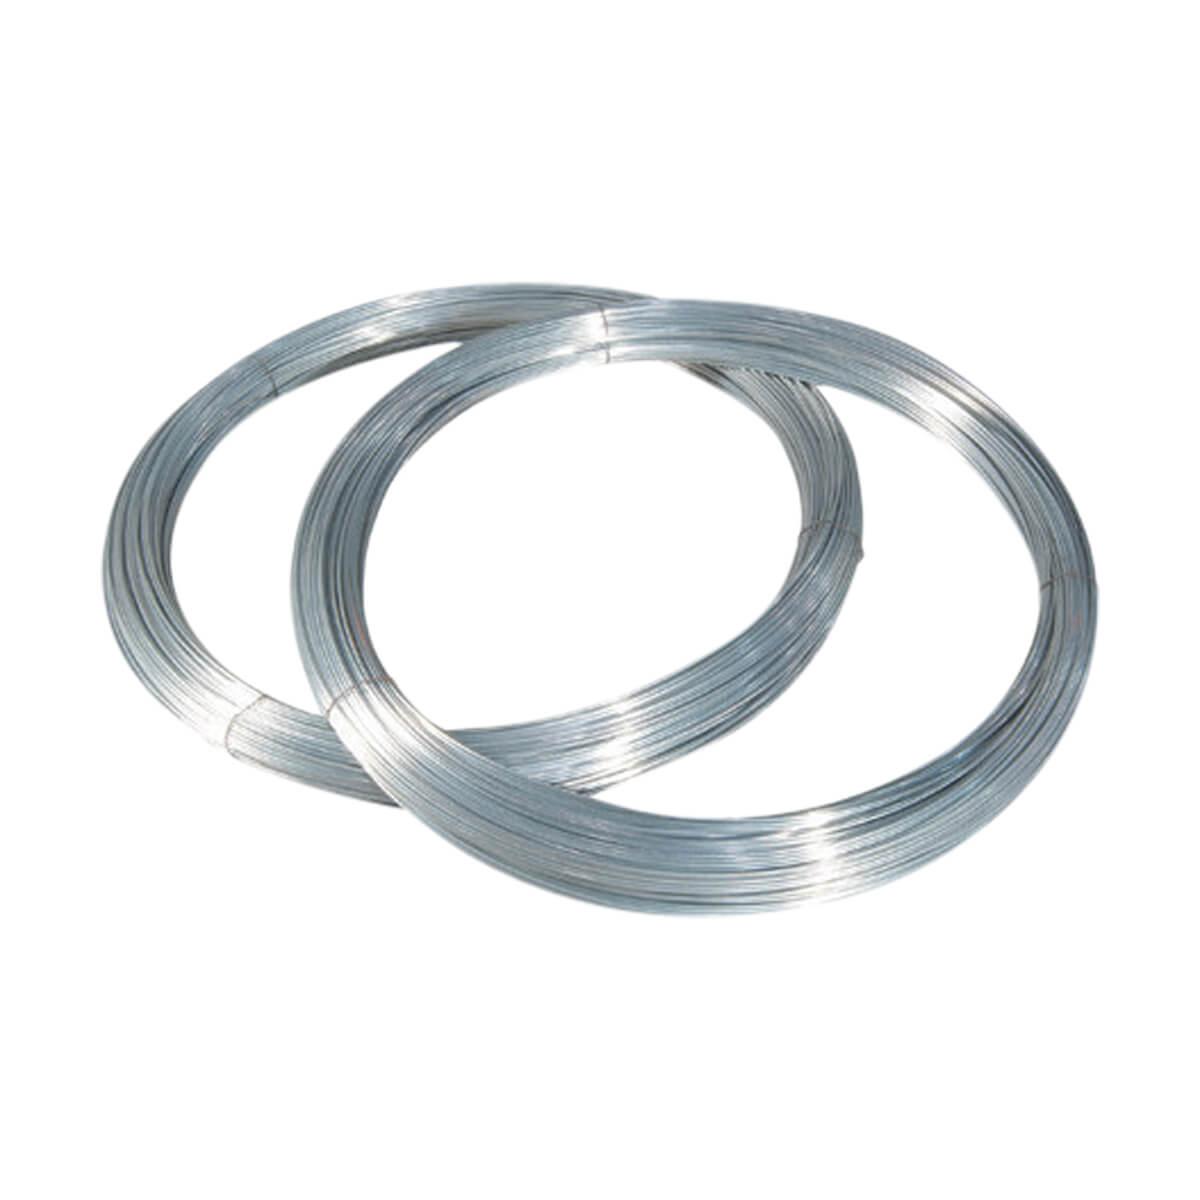 Galvanized Wire # 14 - 14GA - 10 lb.